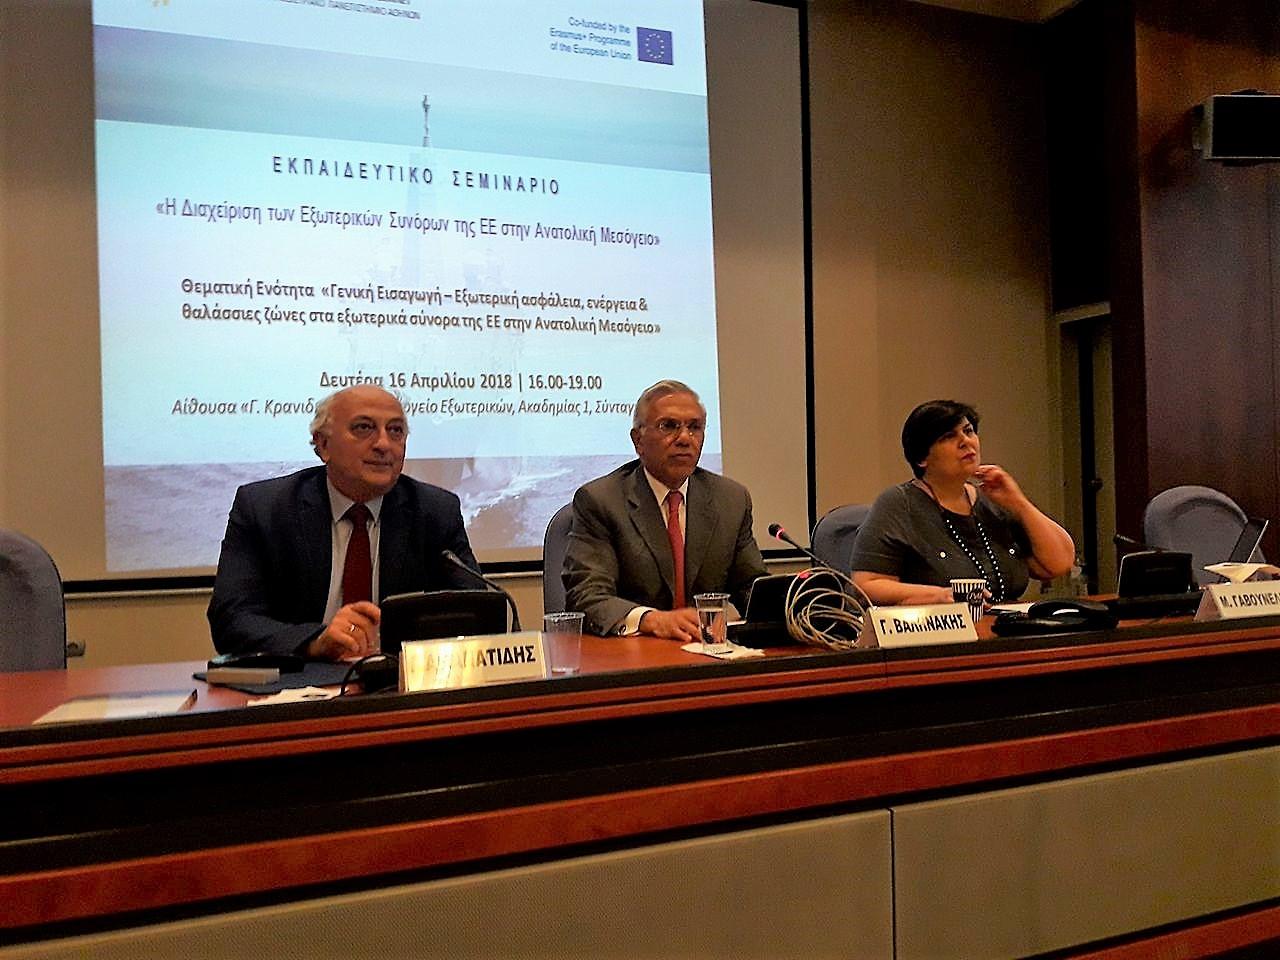 Γενική Εισαγωγή – Εξωτερική ασφάλεια, ενέργεια & θαλάσσιες ζώνες στα εξωτερικά σύνορα της ΕΕ στην Ανατολική Μεσόγειο